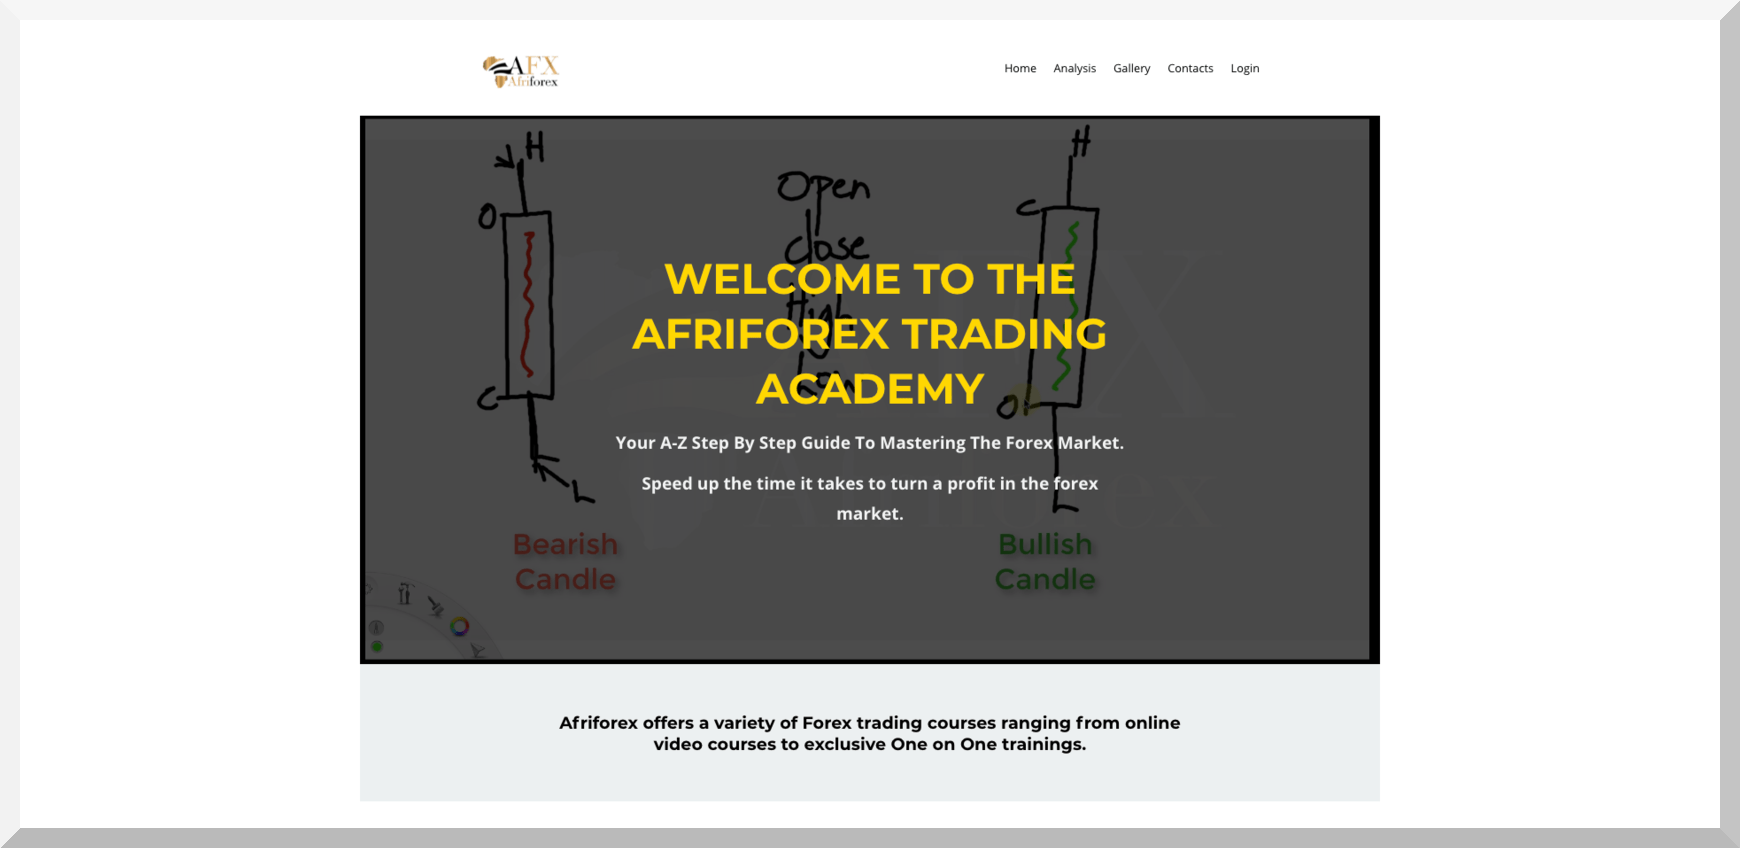 Afriforex Training Academy Courses – Kajabi